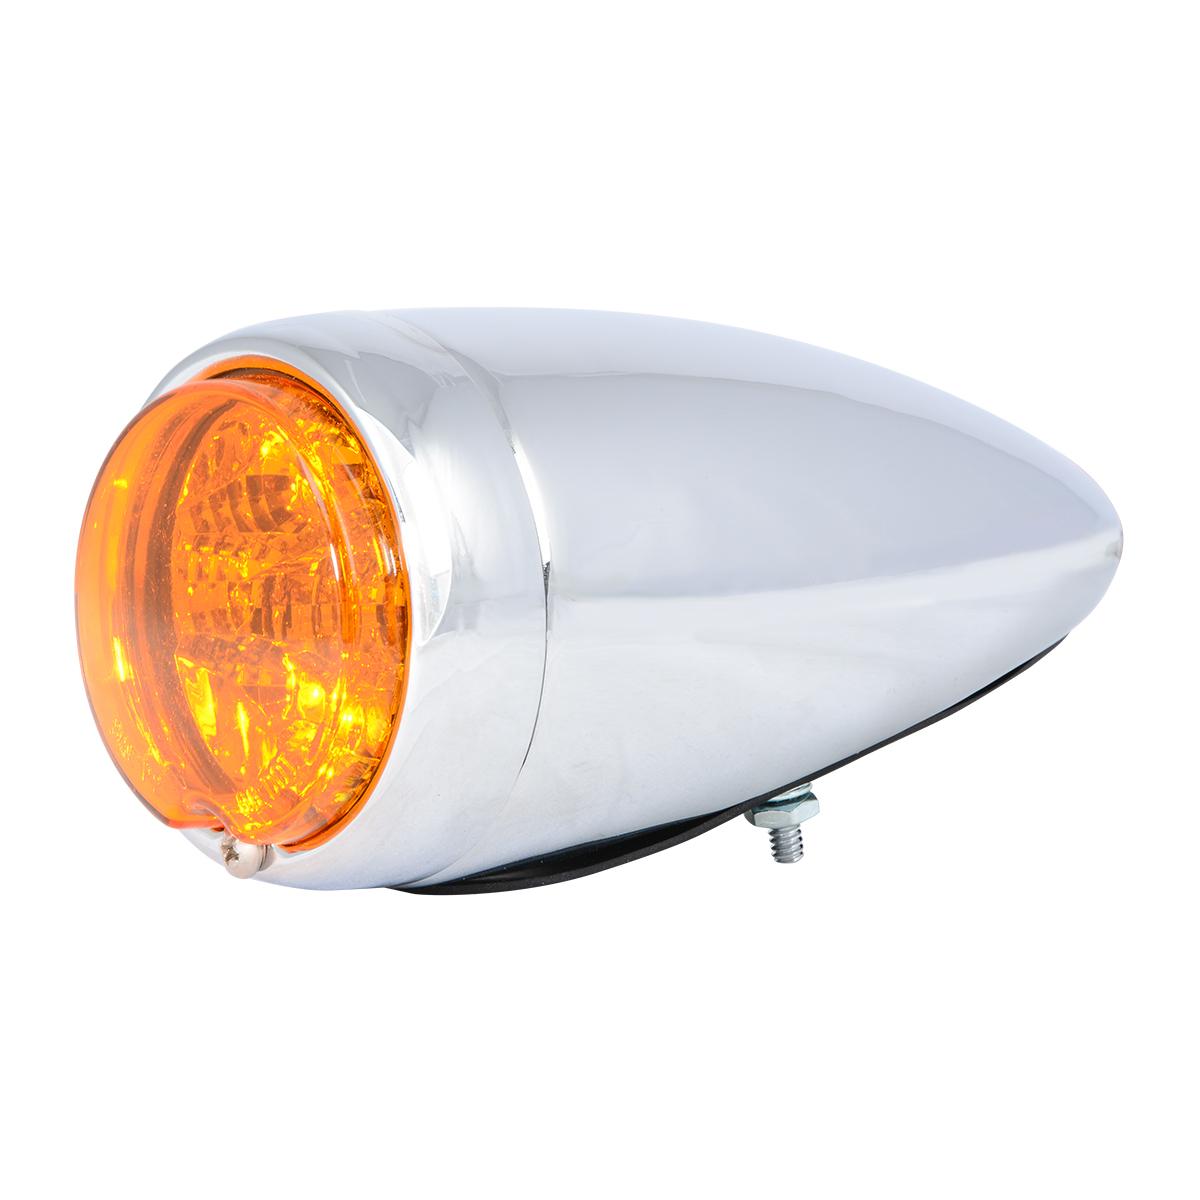 77210 Chrome Steel Bullet Spyder LED Turn/Marker Light in Amber/Amber